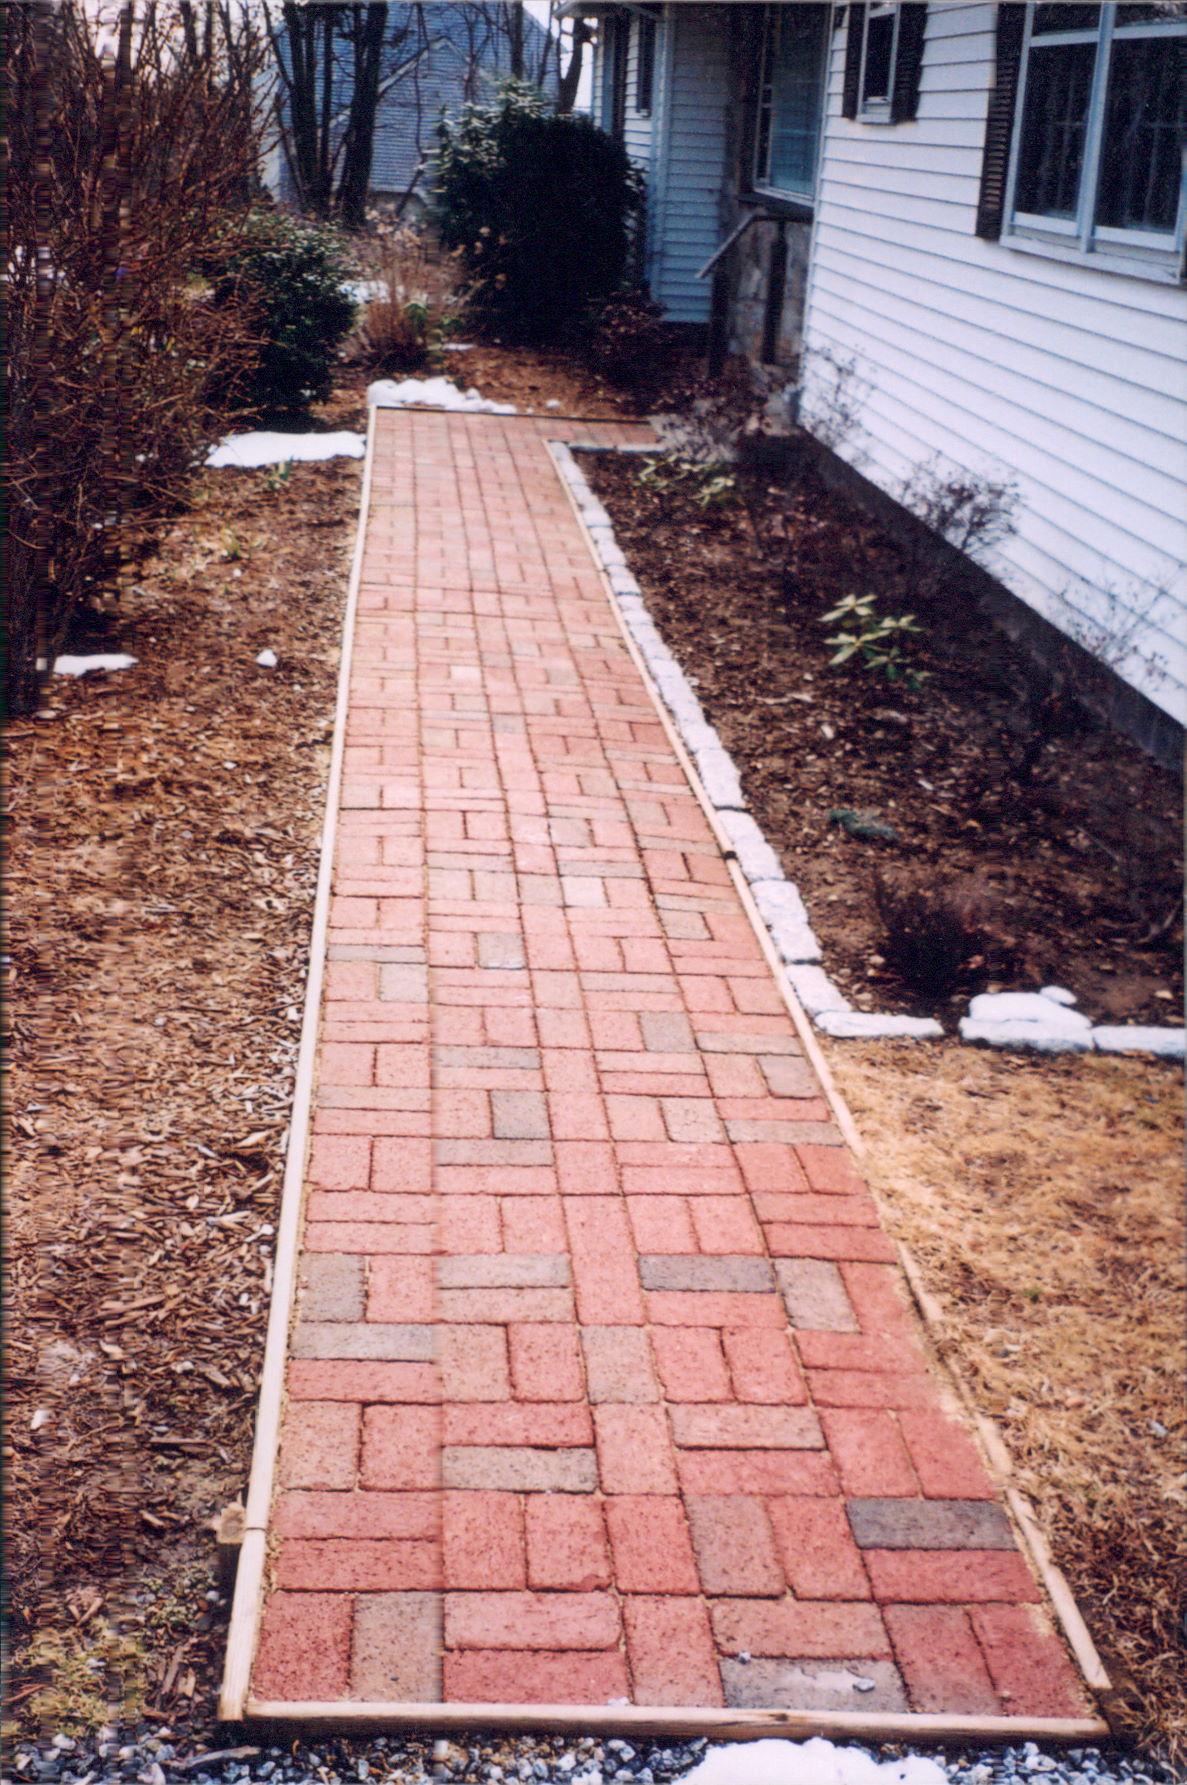 Brick_00009A.jpg